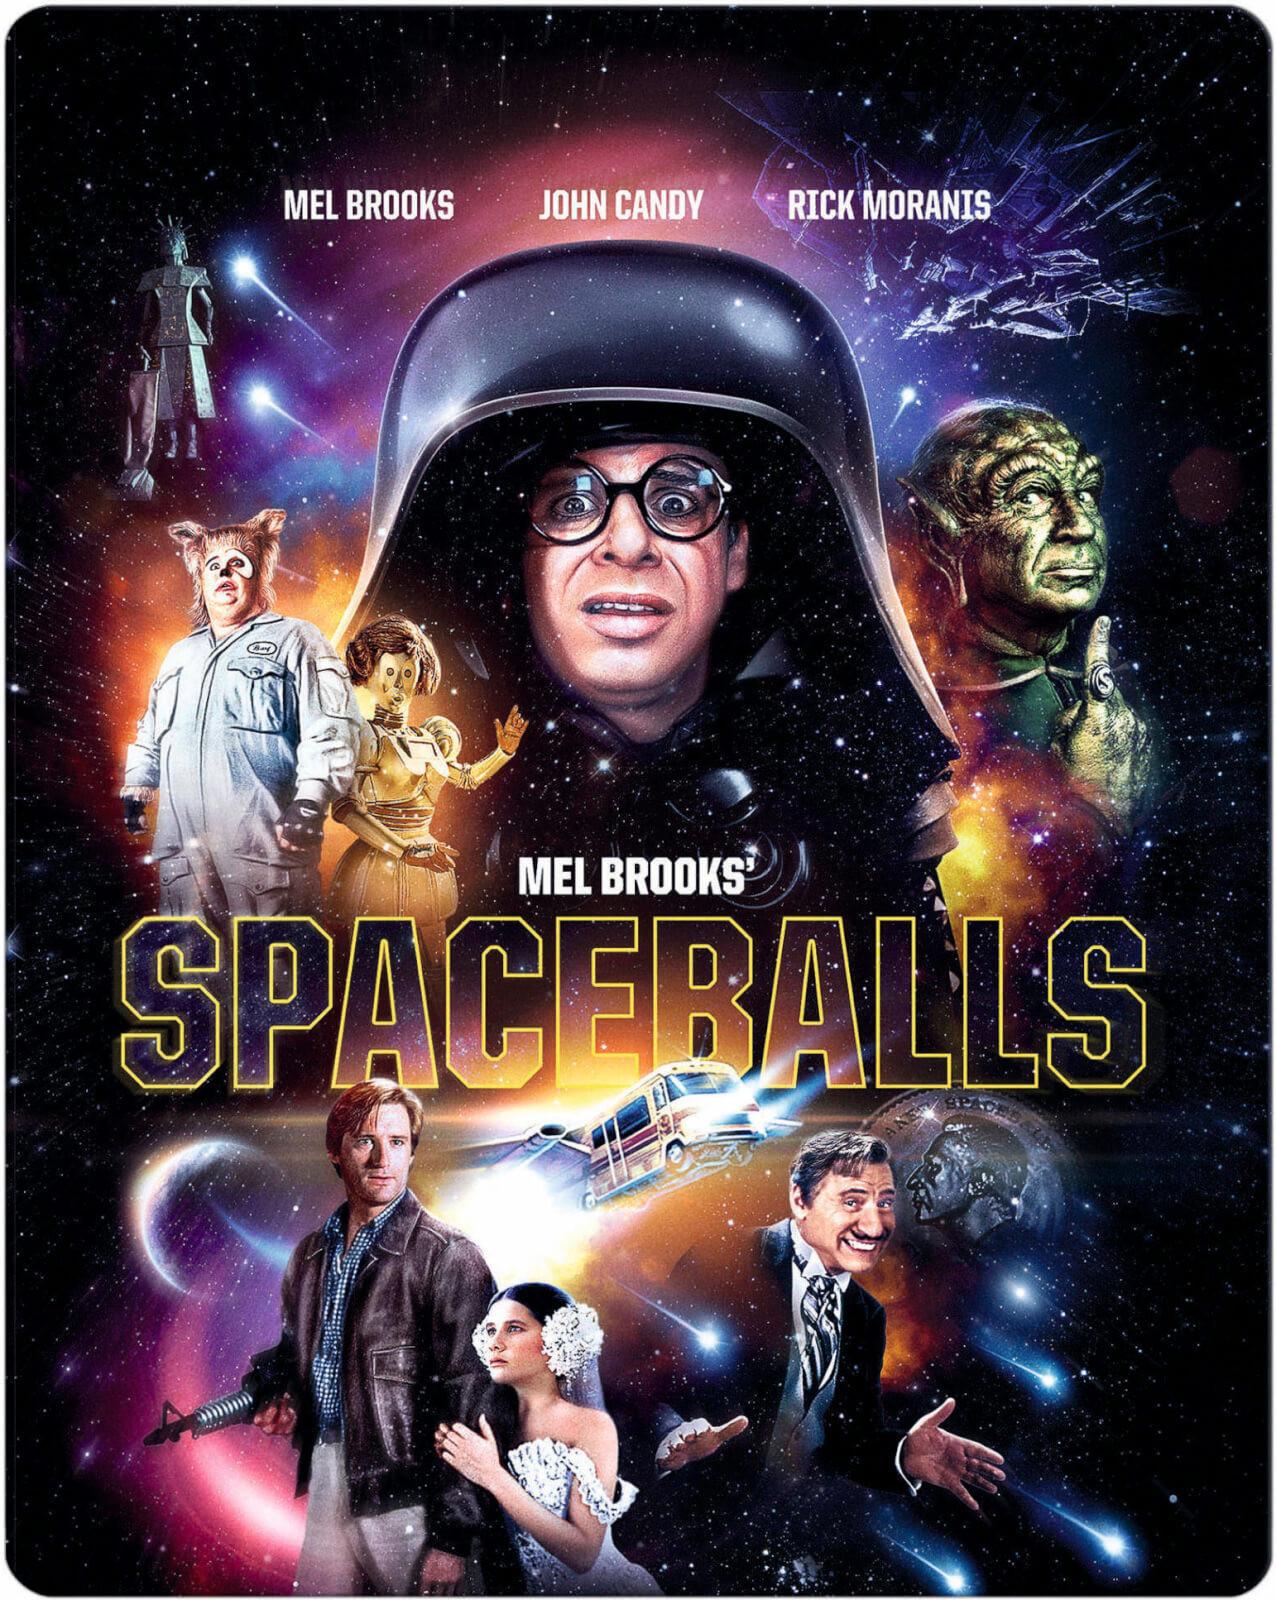 spaceballs_1.jpg